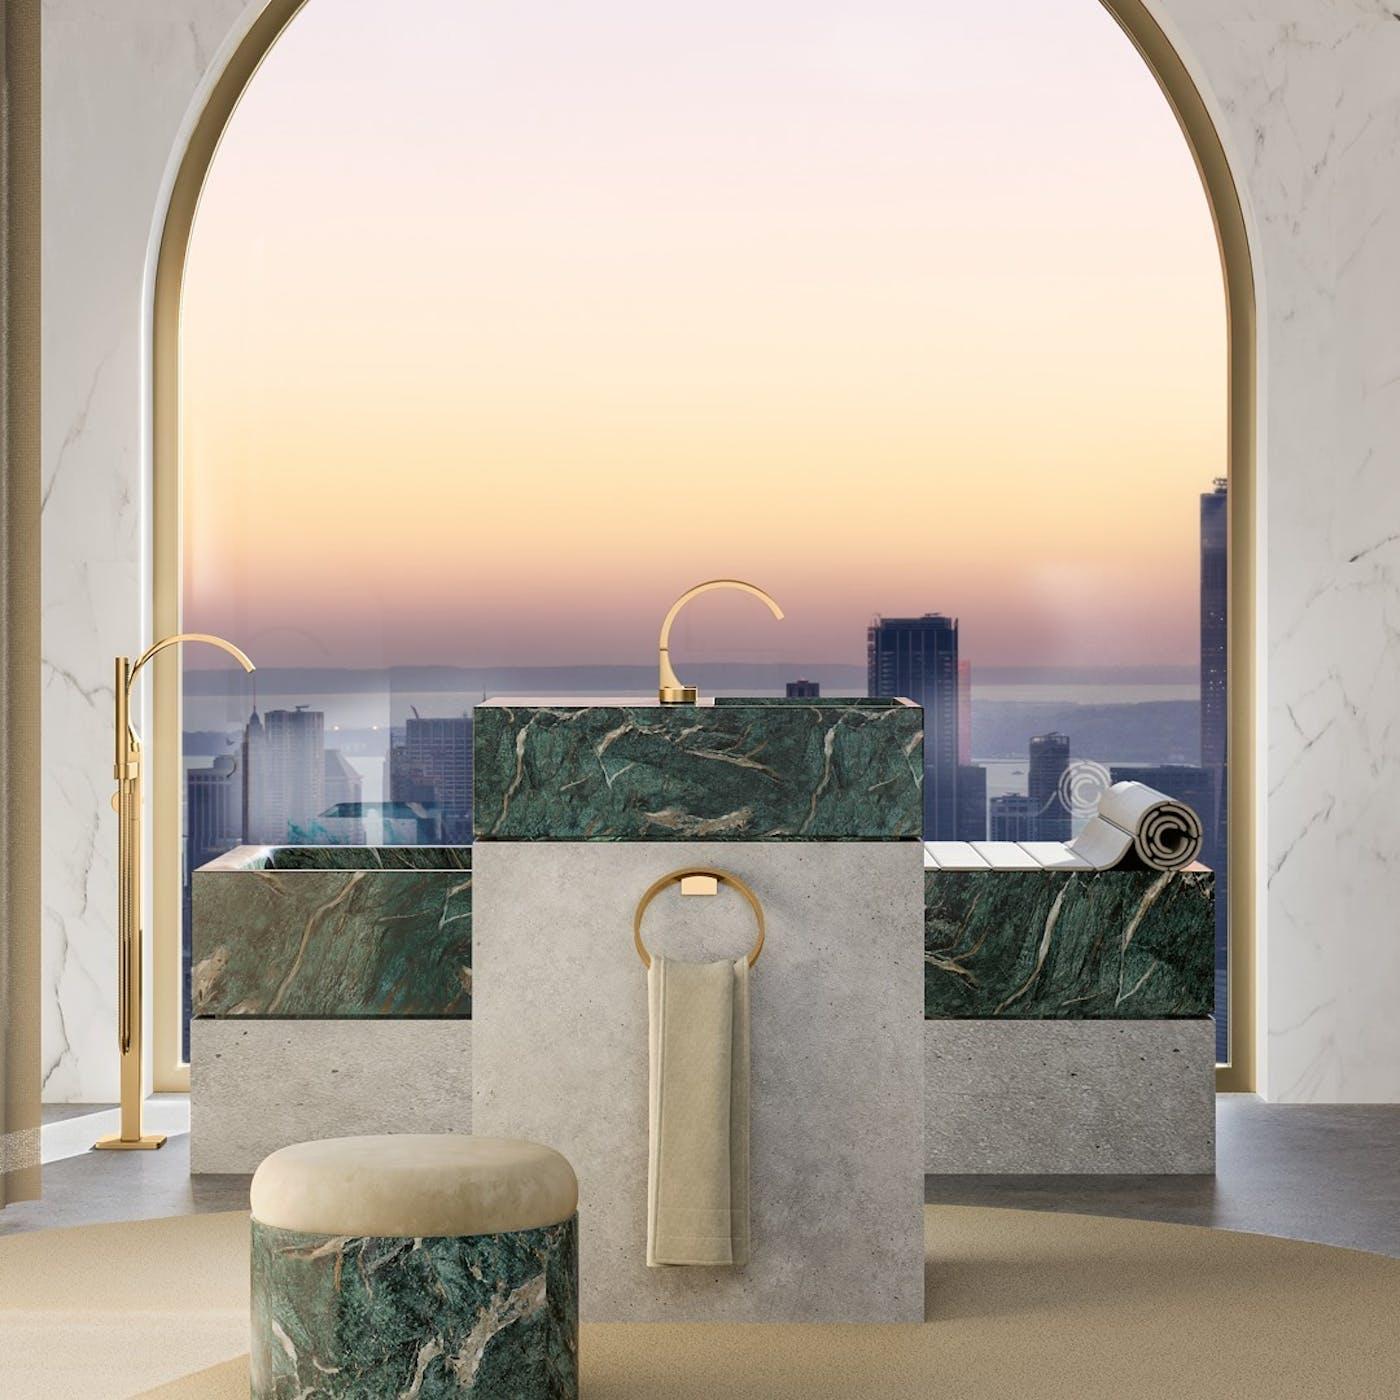 CYO bath whole view